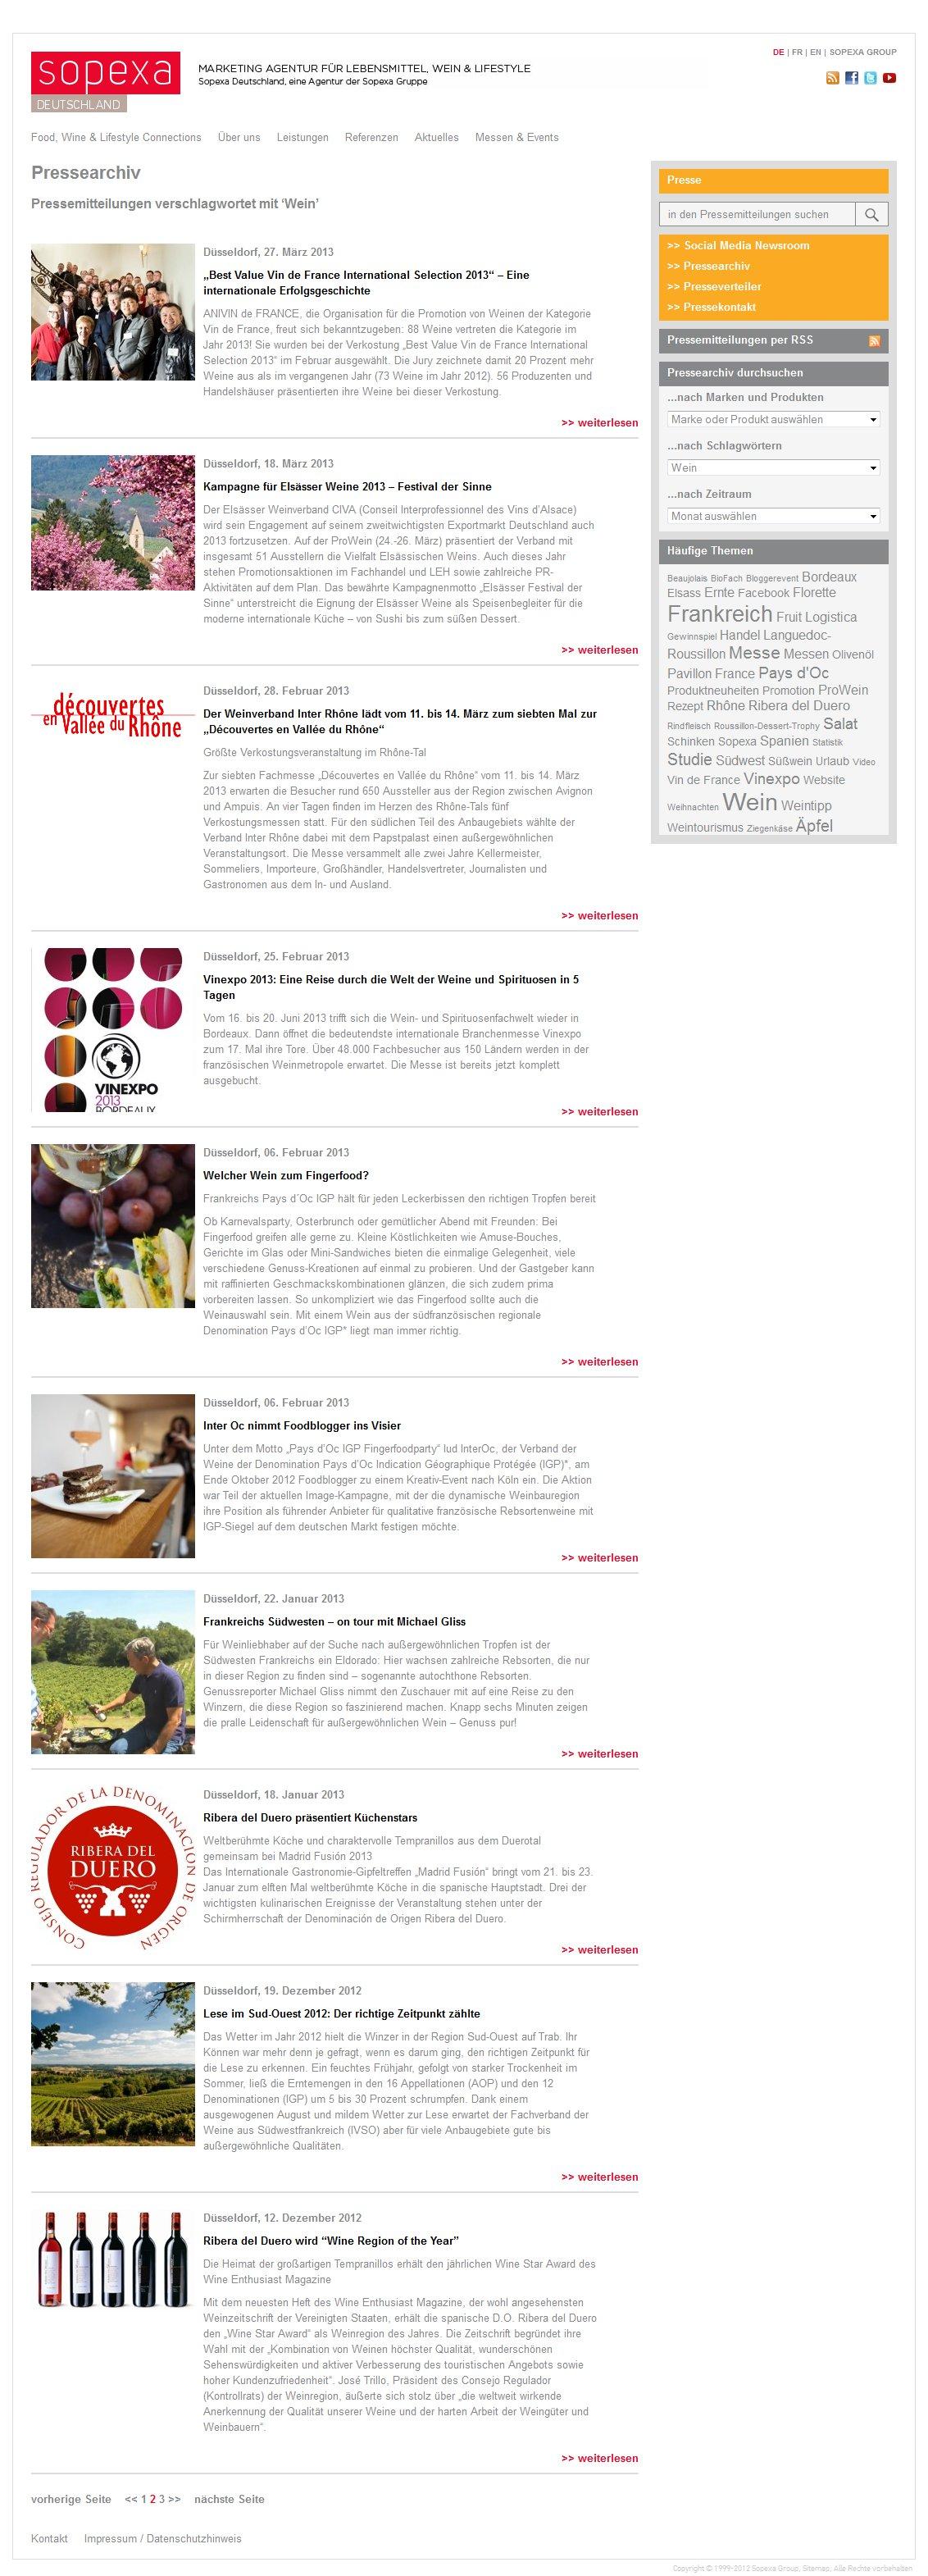 Sopexa Newsroom Artikelliste